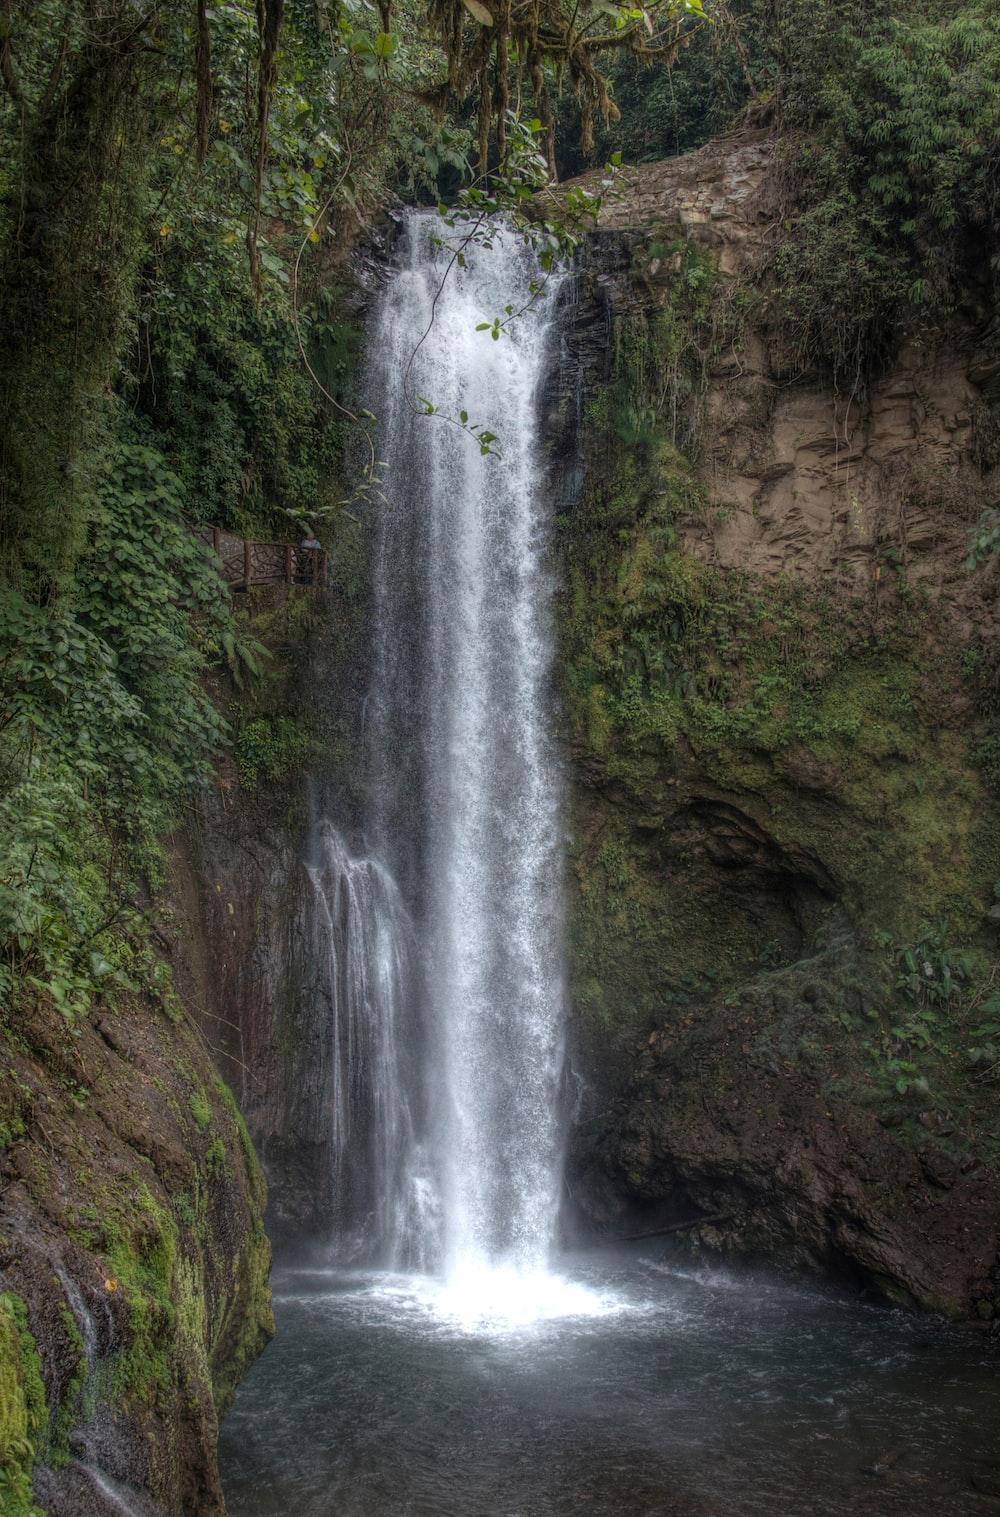 waterfalls view during daytime